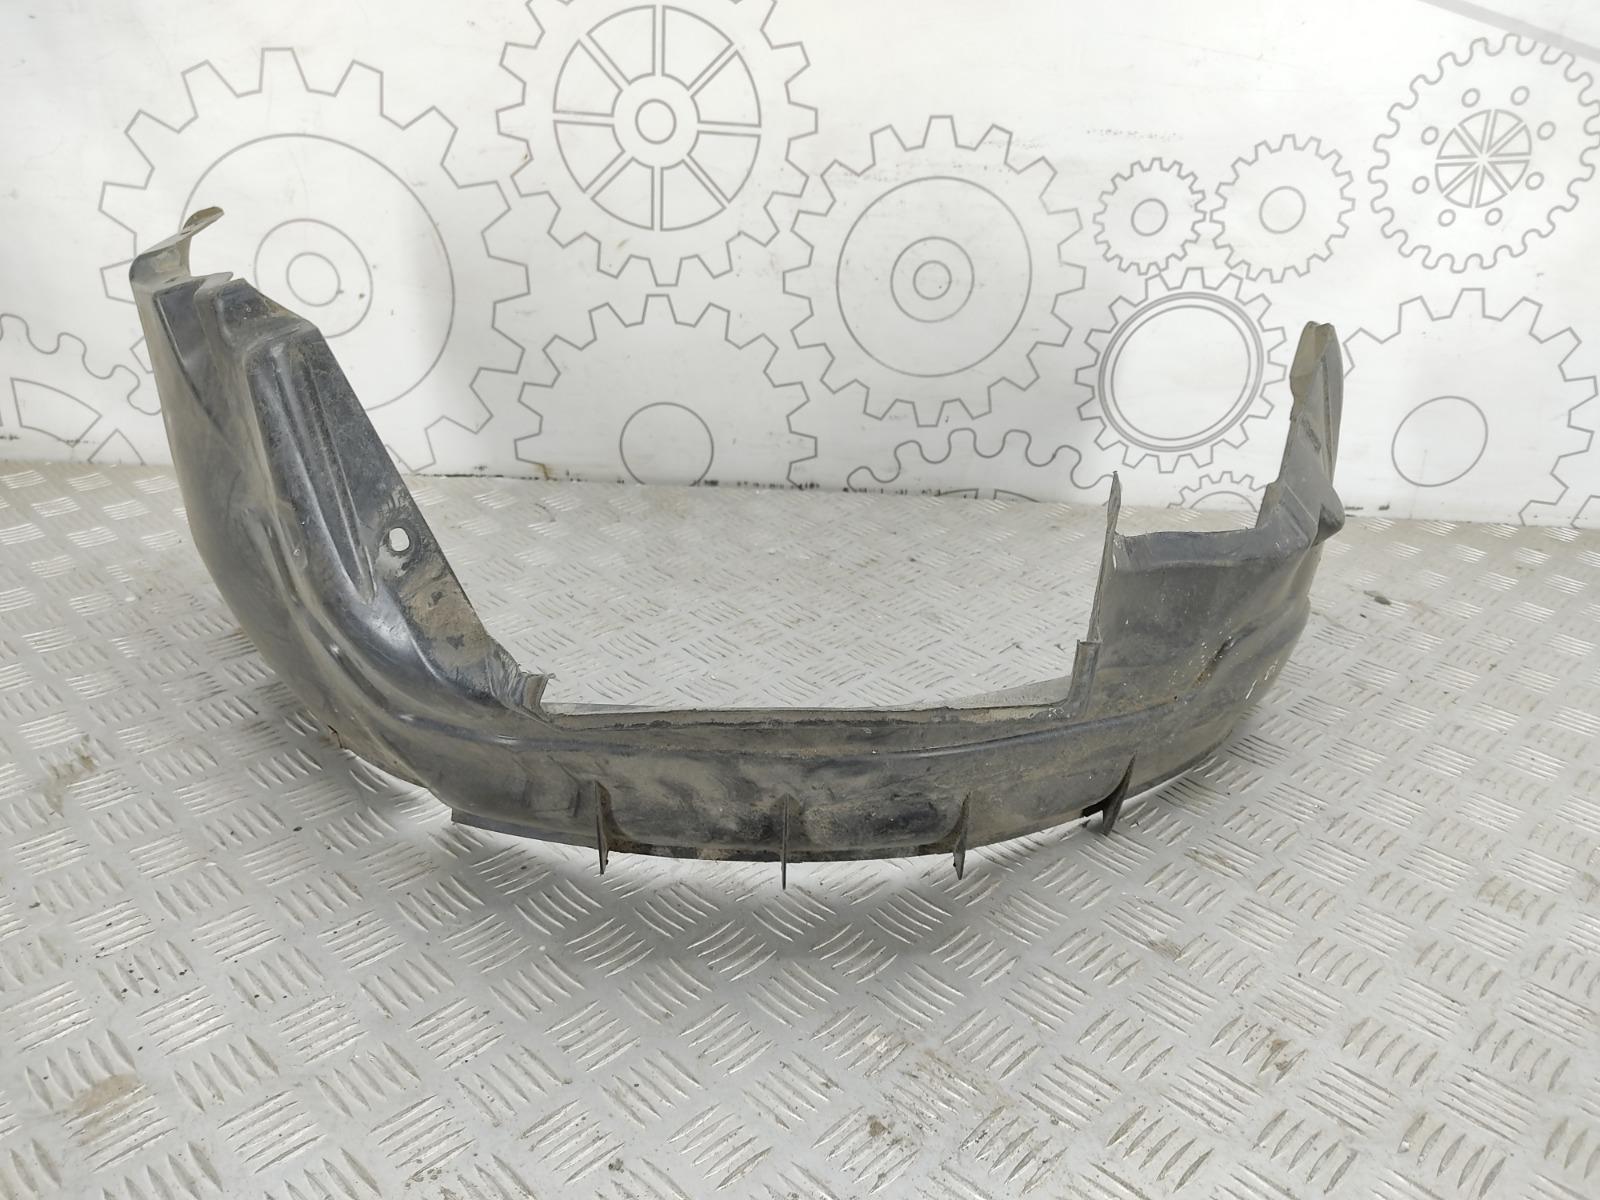 Защита арок передняя левая (подкрылок) Fiat Panda 1.3 JTD 2007 (б/у)